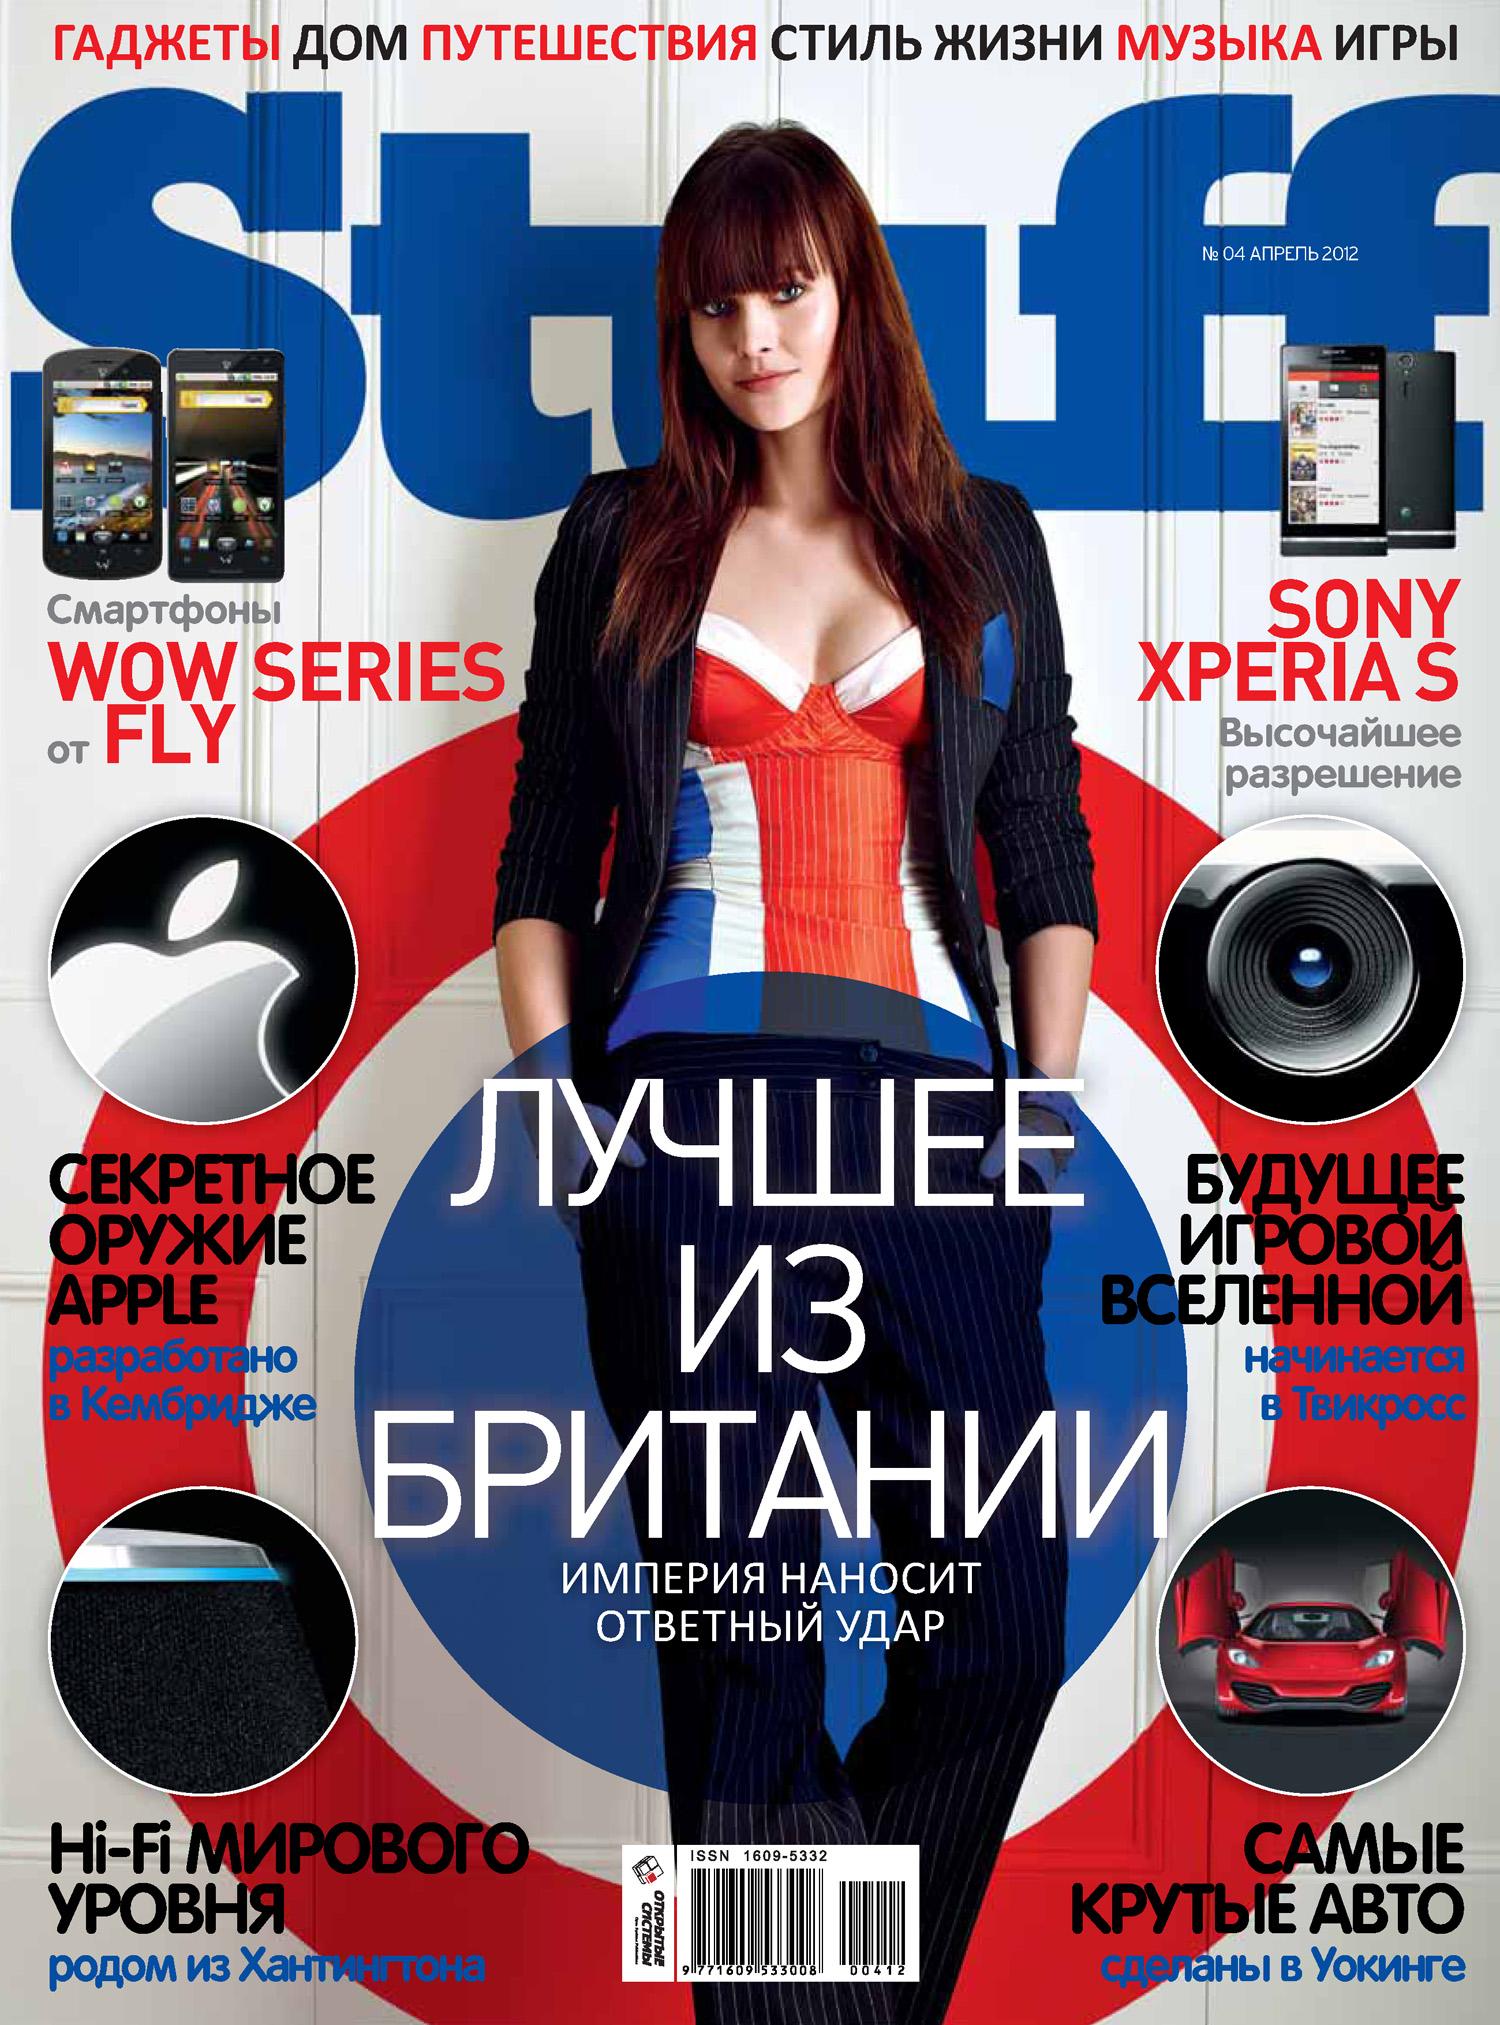 Журнал Stuff №04/2012